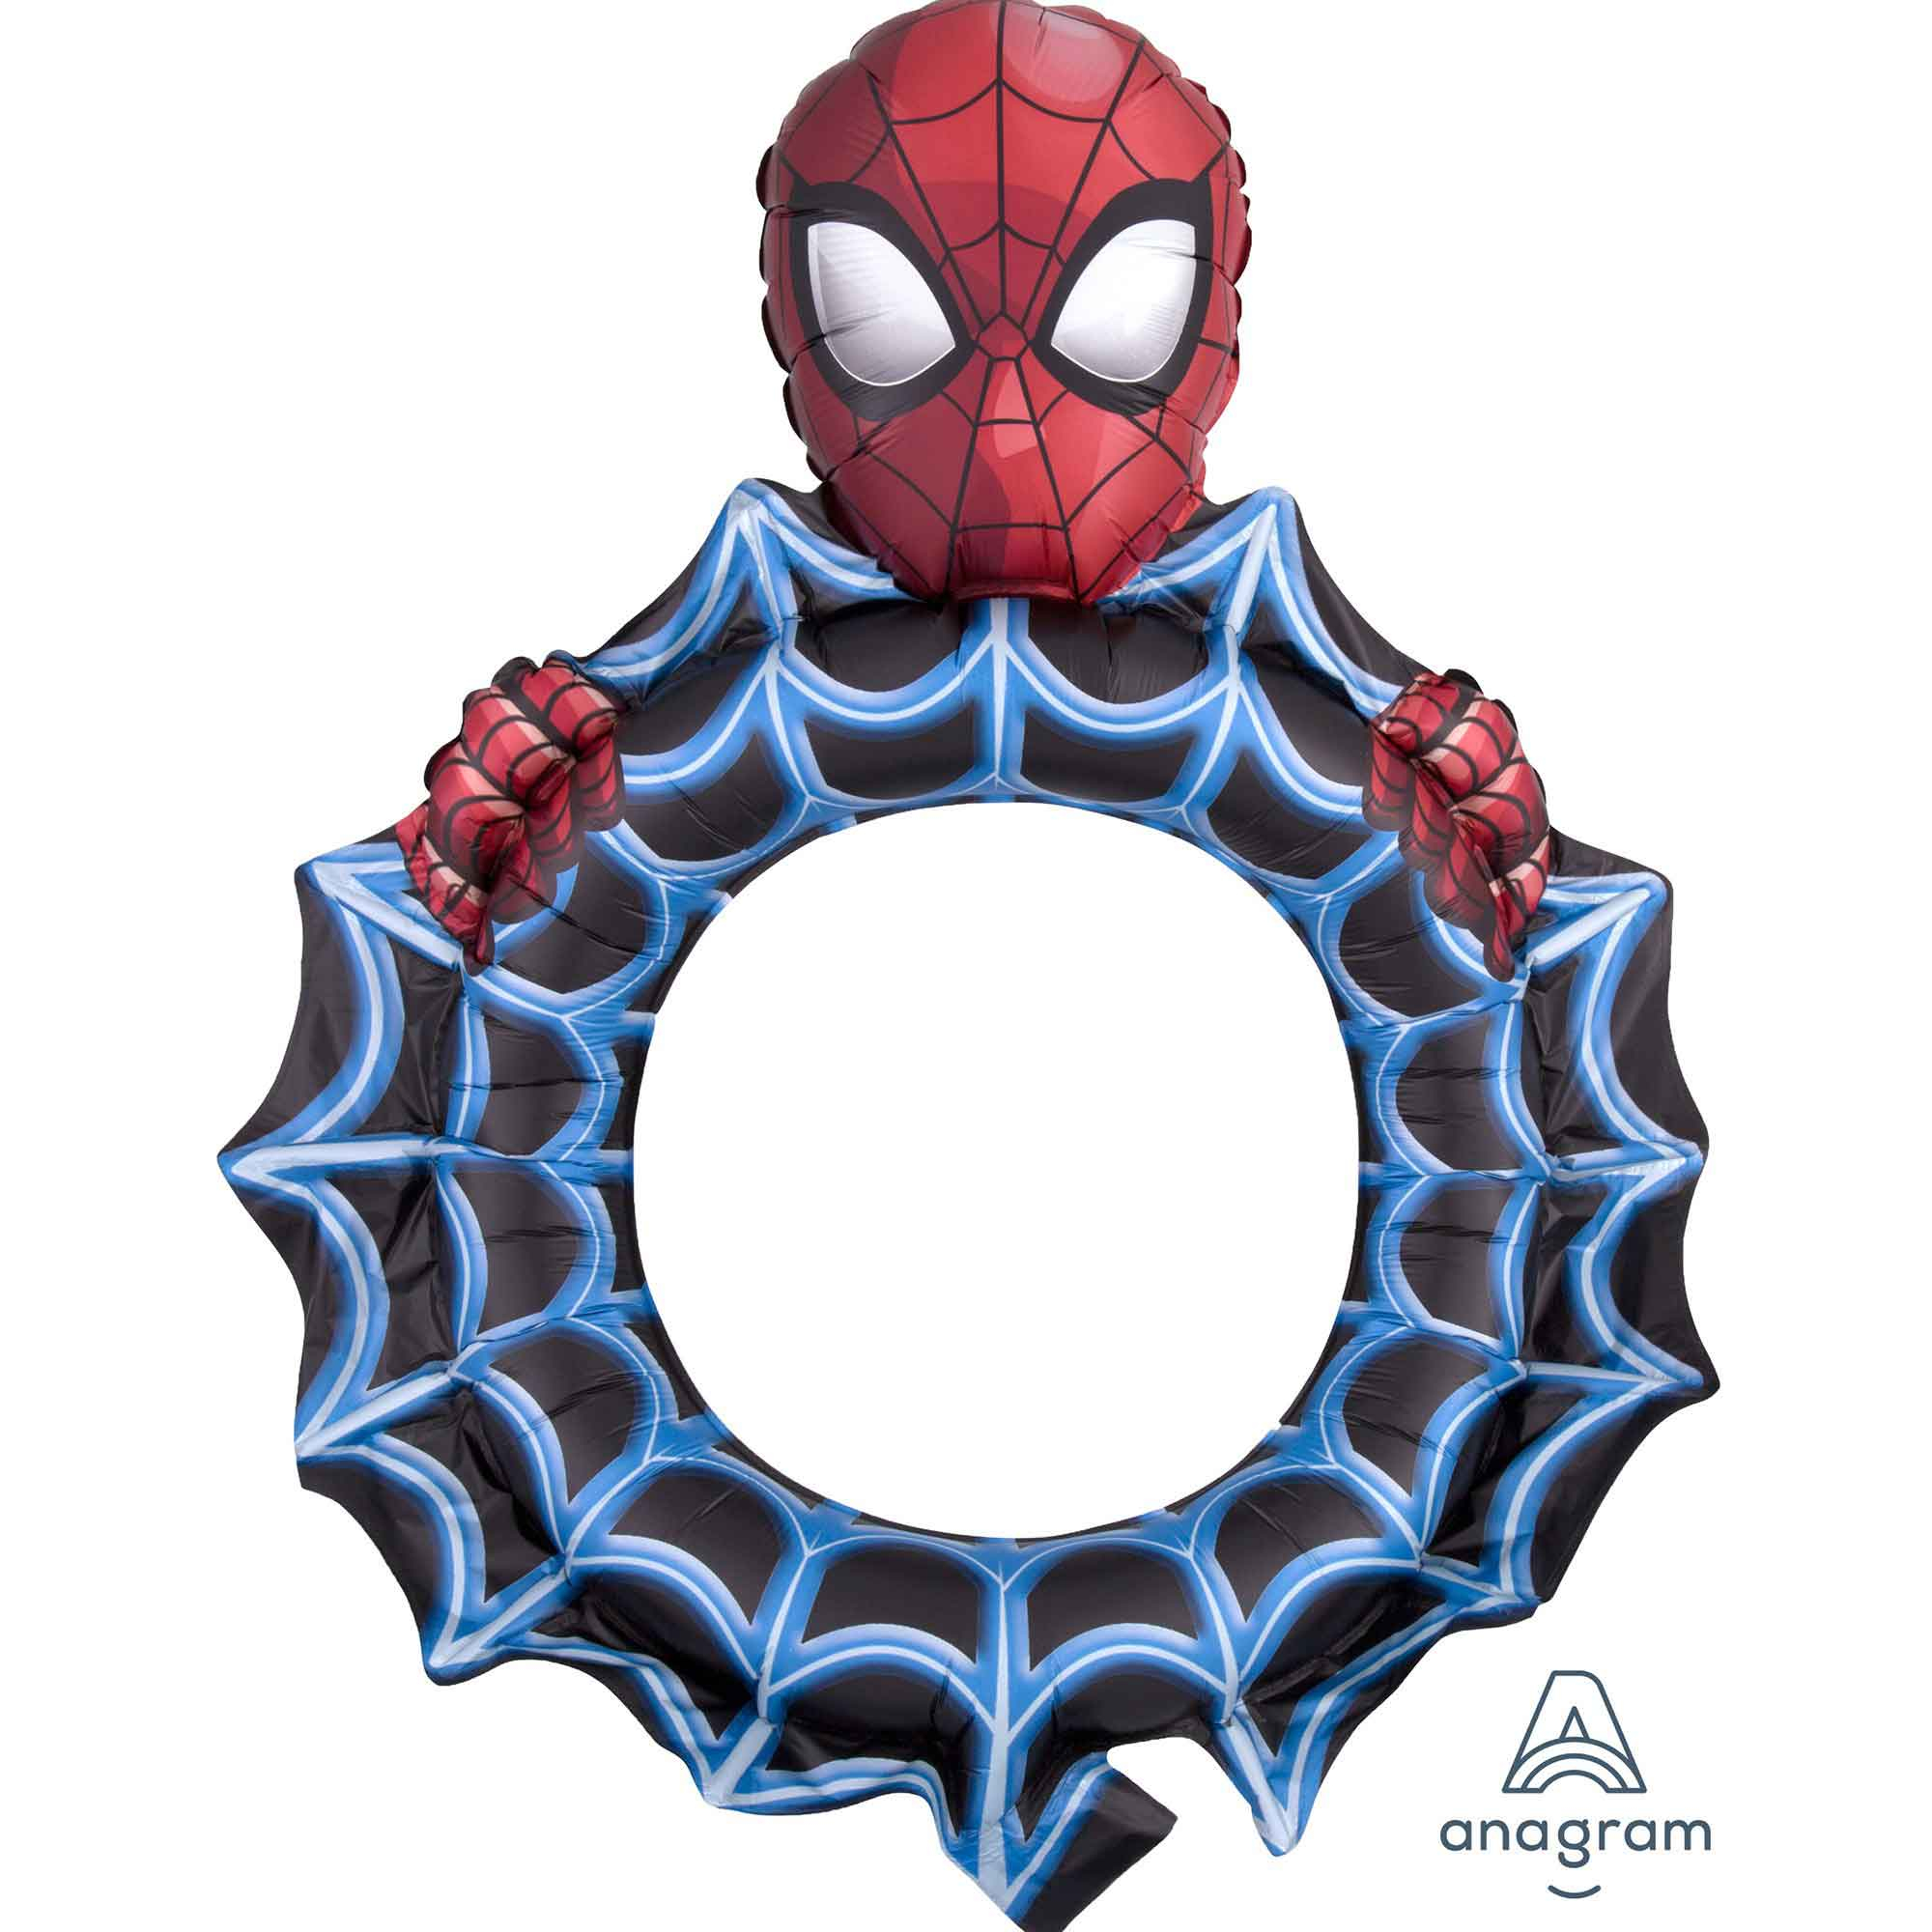 CI: Frame Spider-Man Frame G40